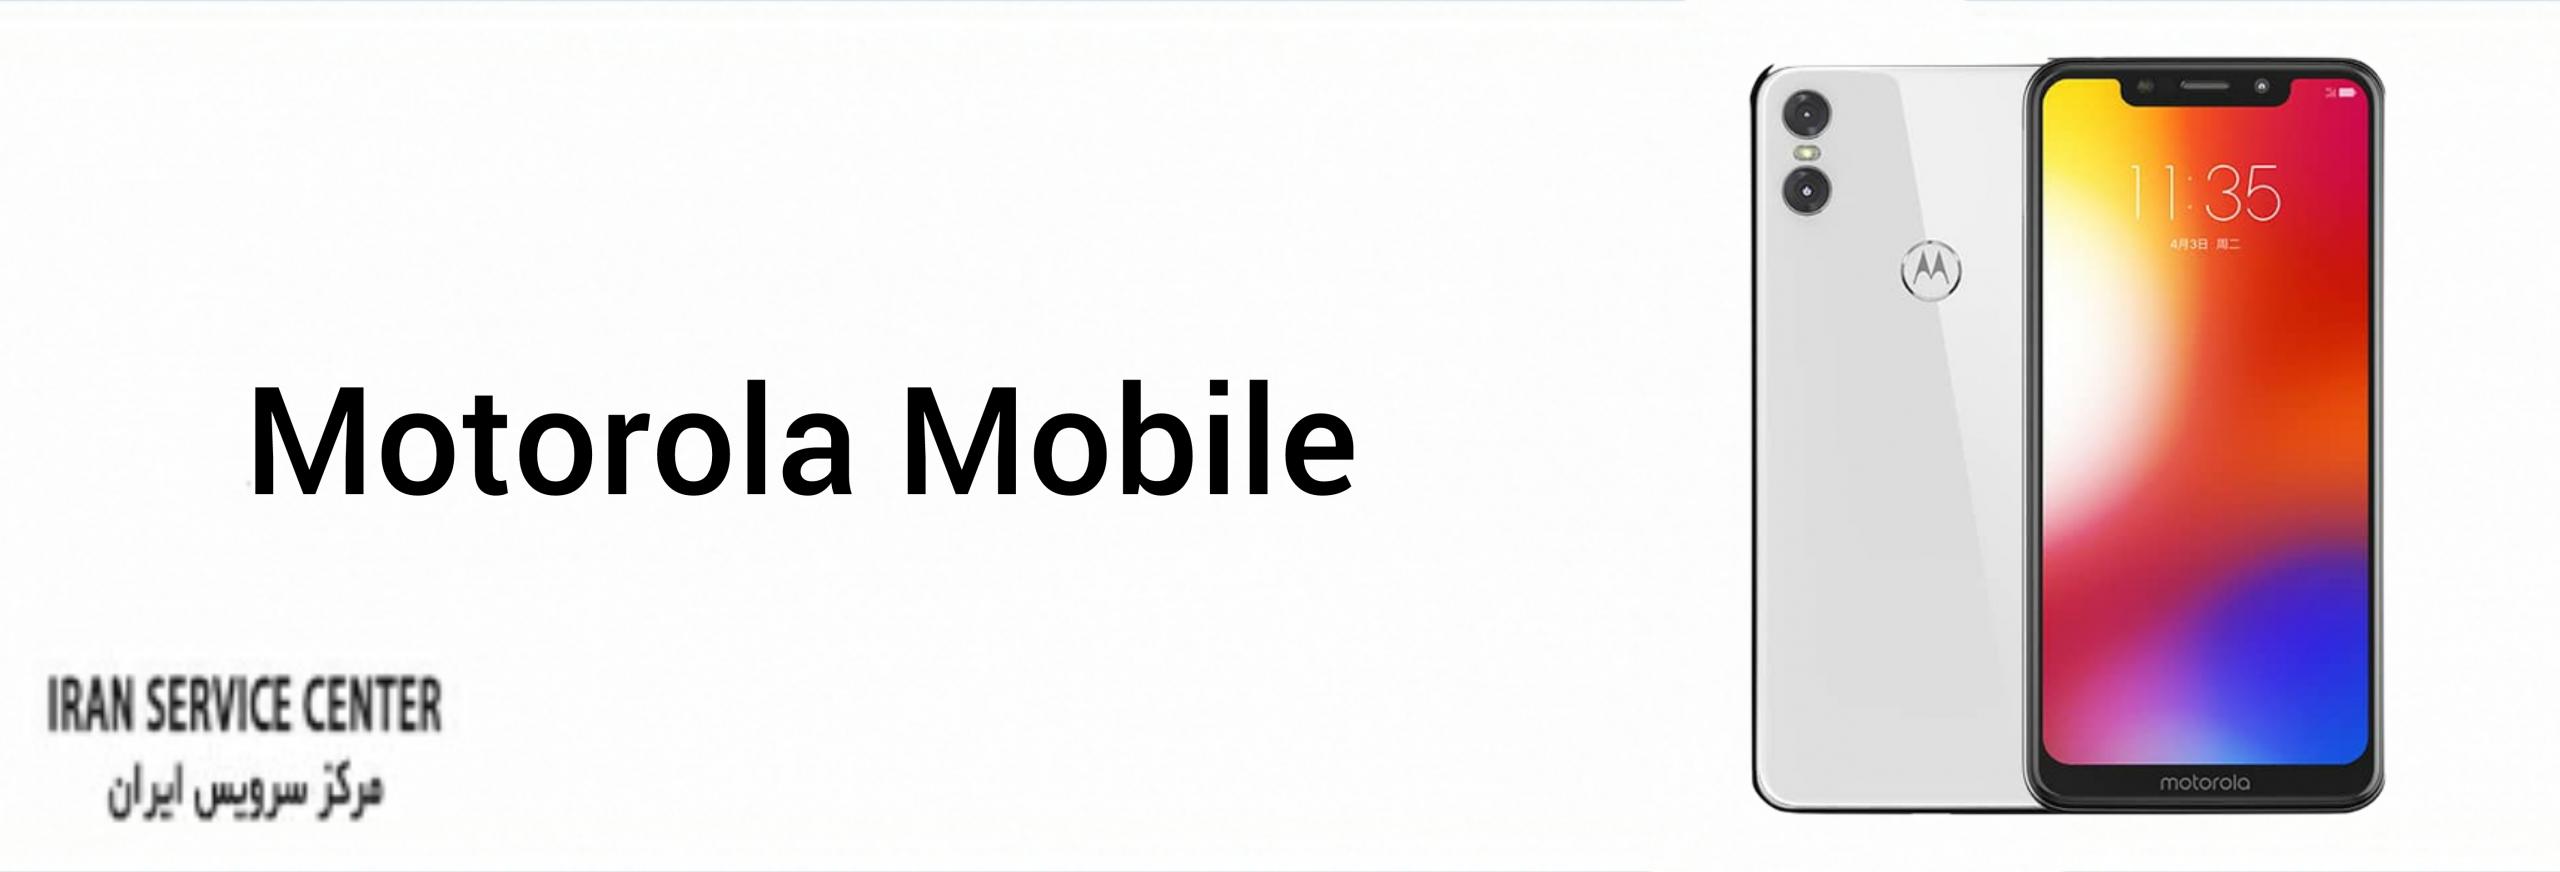 نمایندگی تعمیرات موبایل موتورولا (motorola)